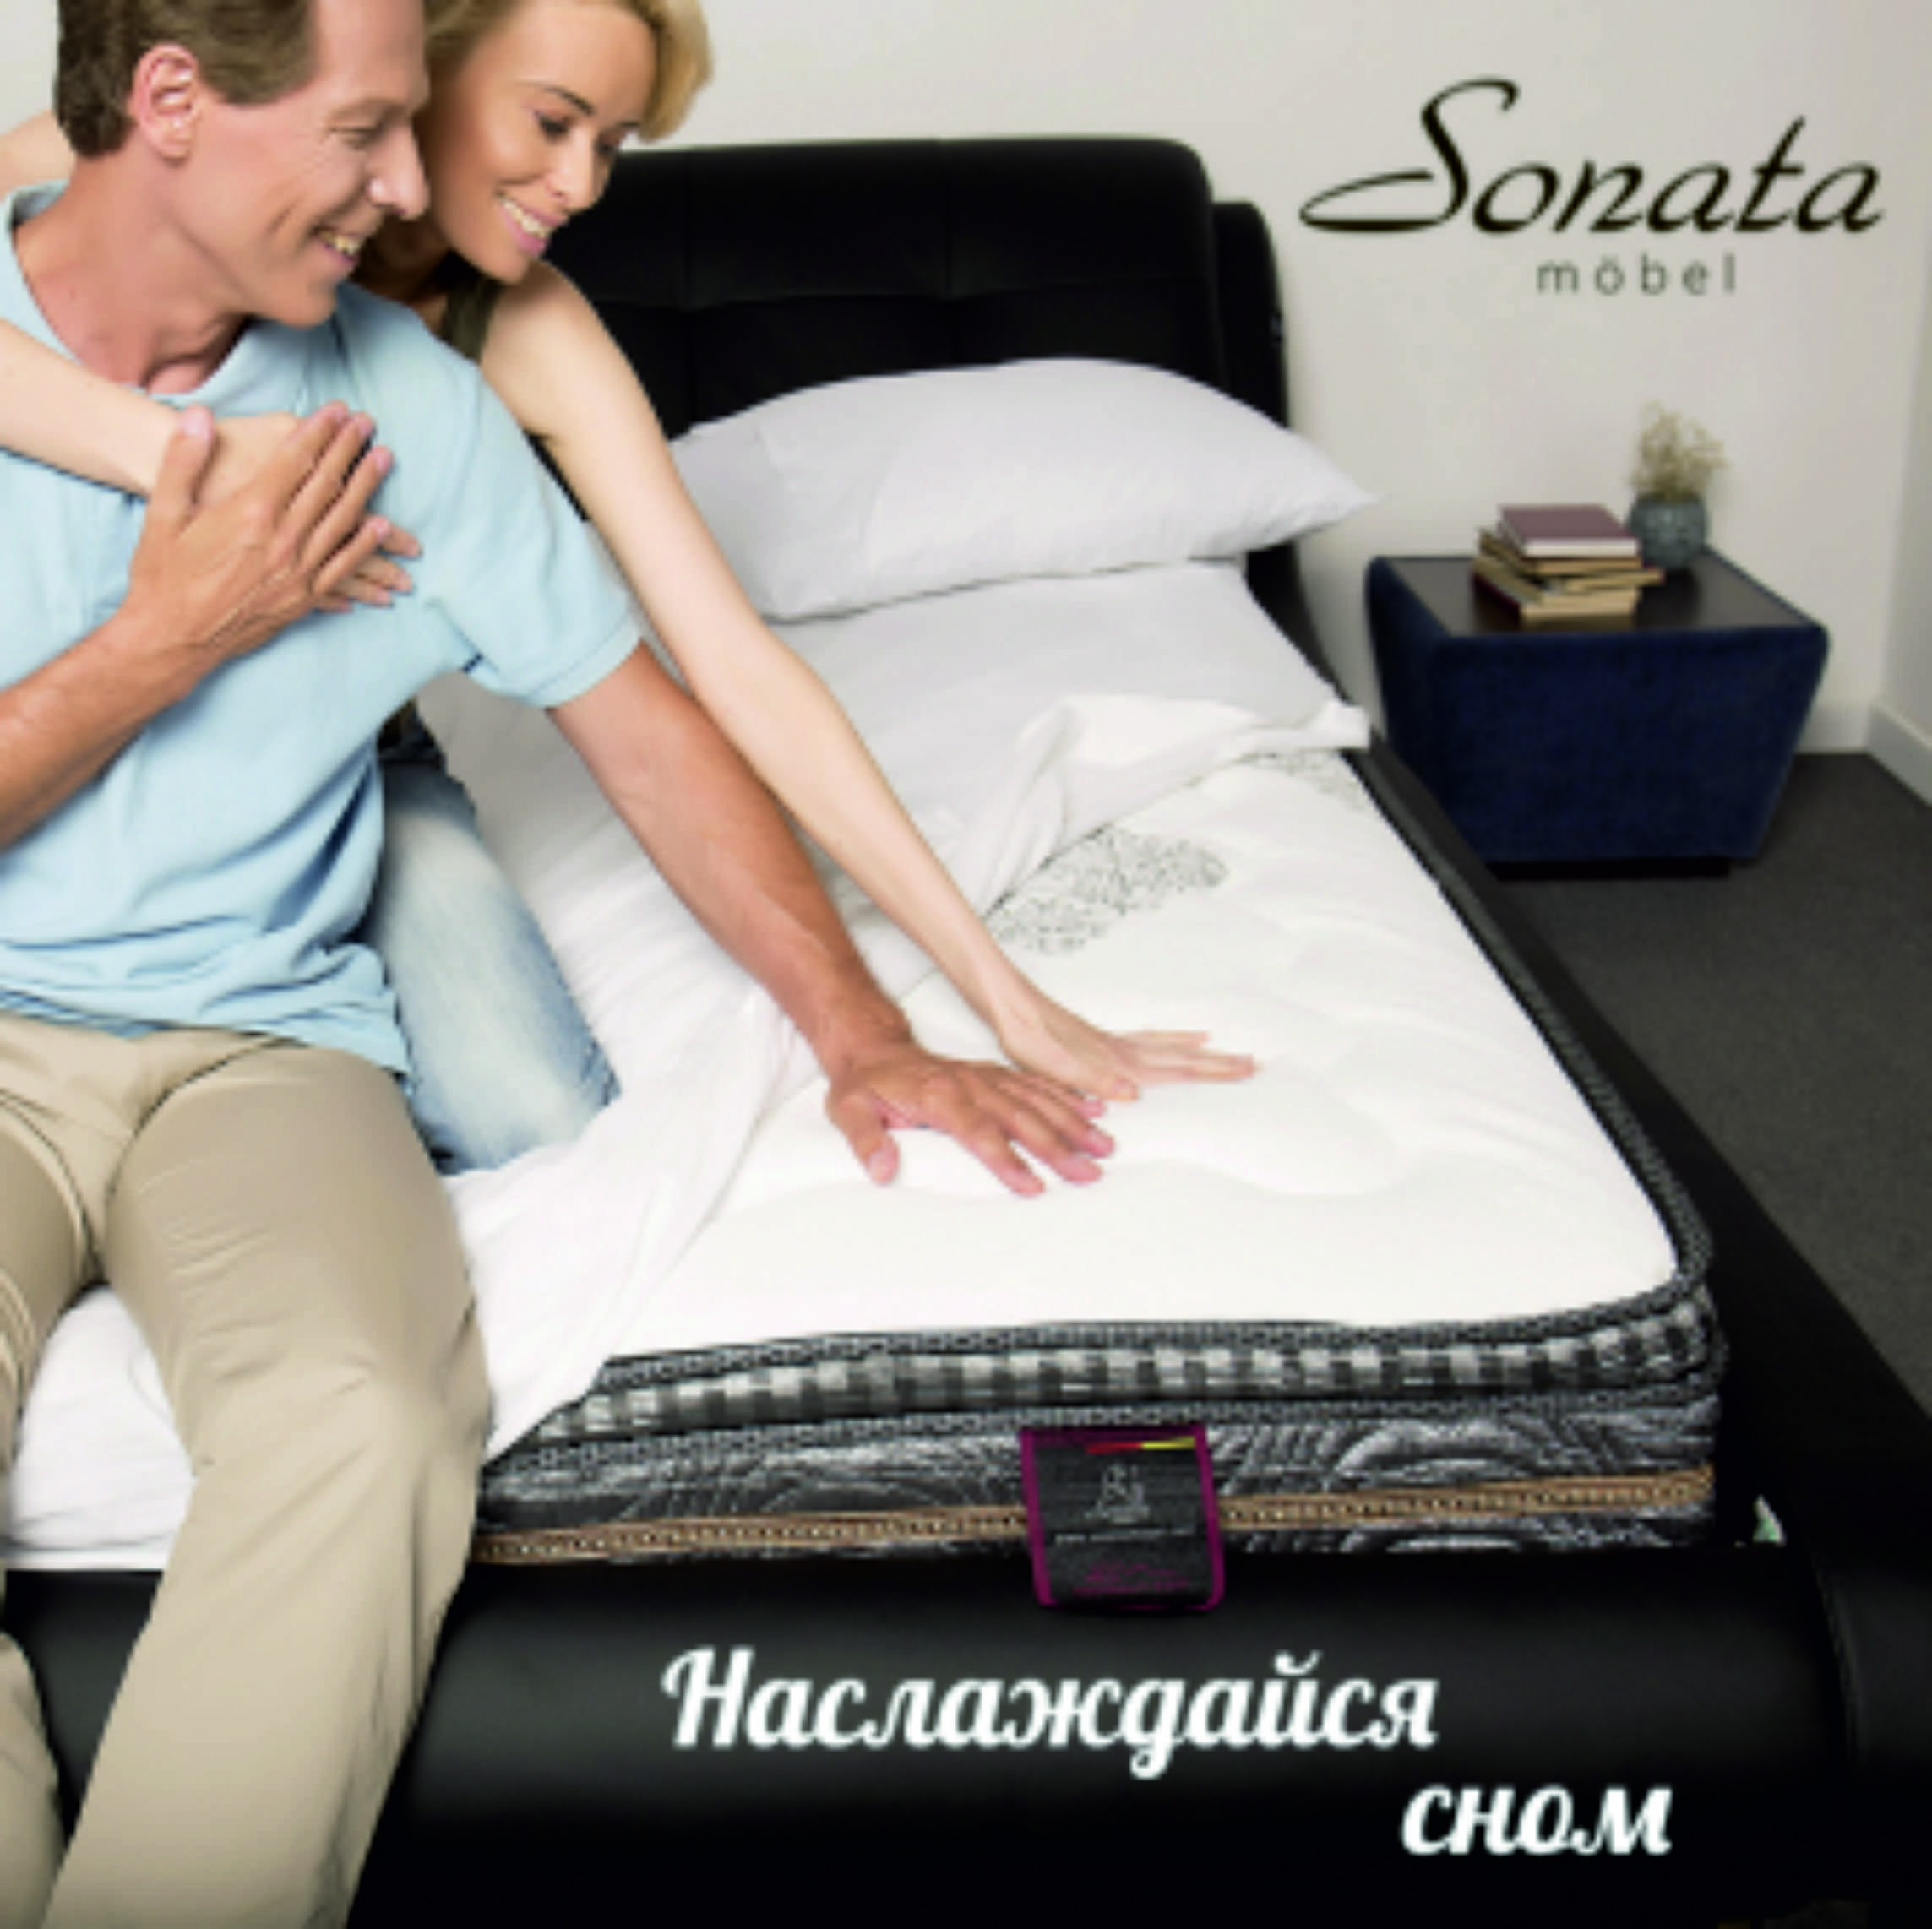 Новий магазин «Sonata Möbel - Захід» у Тернополі відкрито!